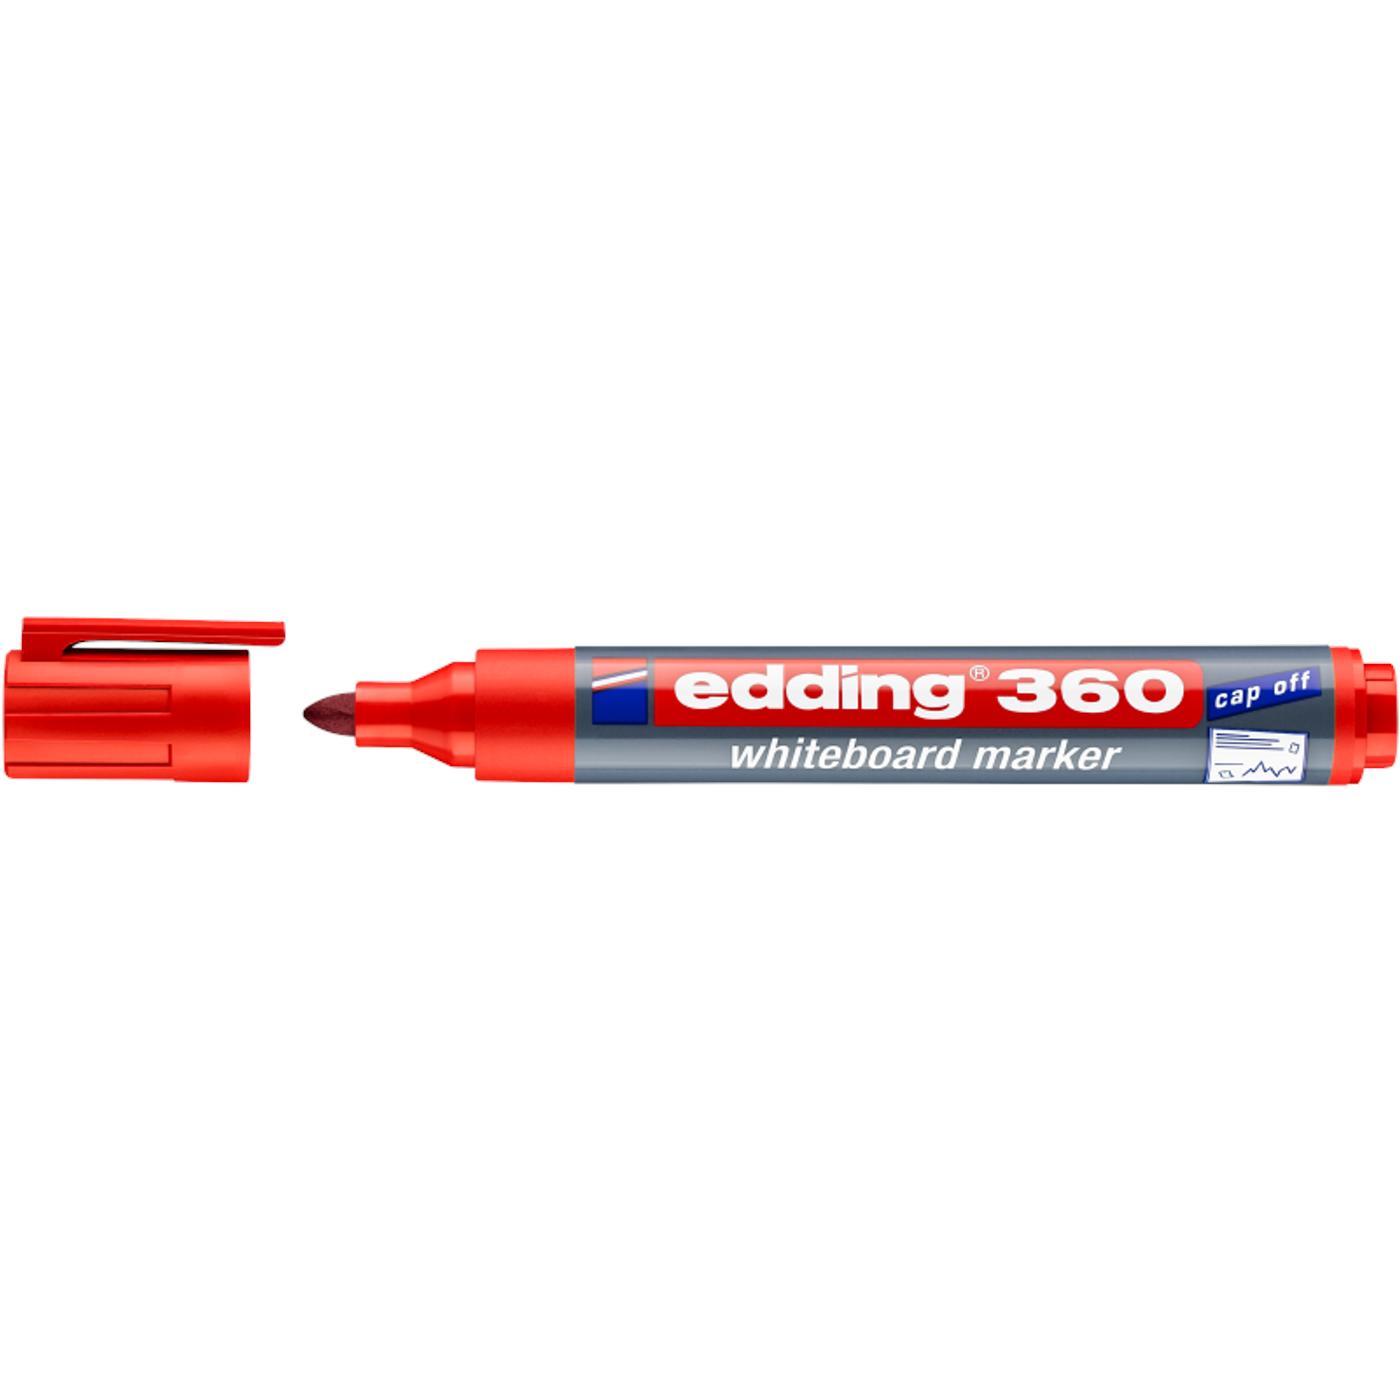 EDDING 360 WHITEBOARD MARKER (RED)